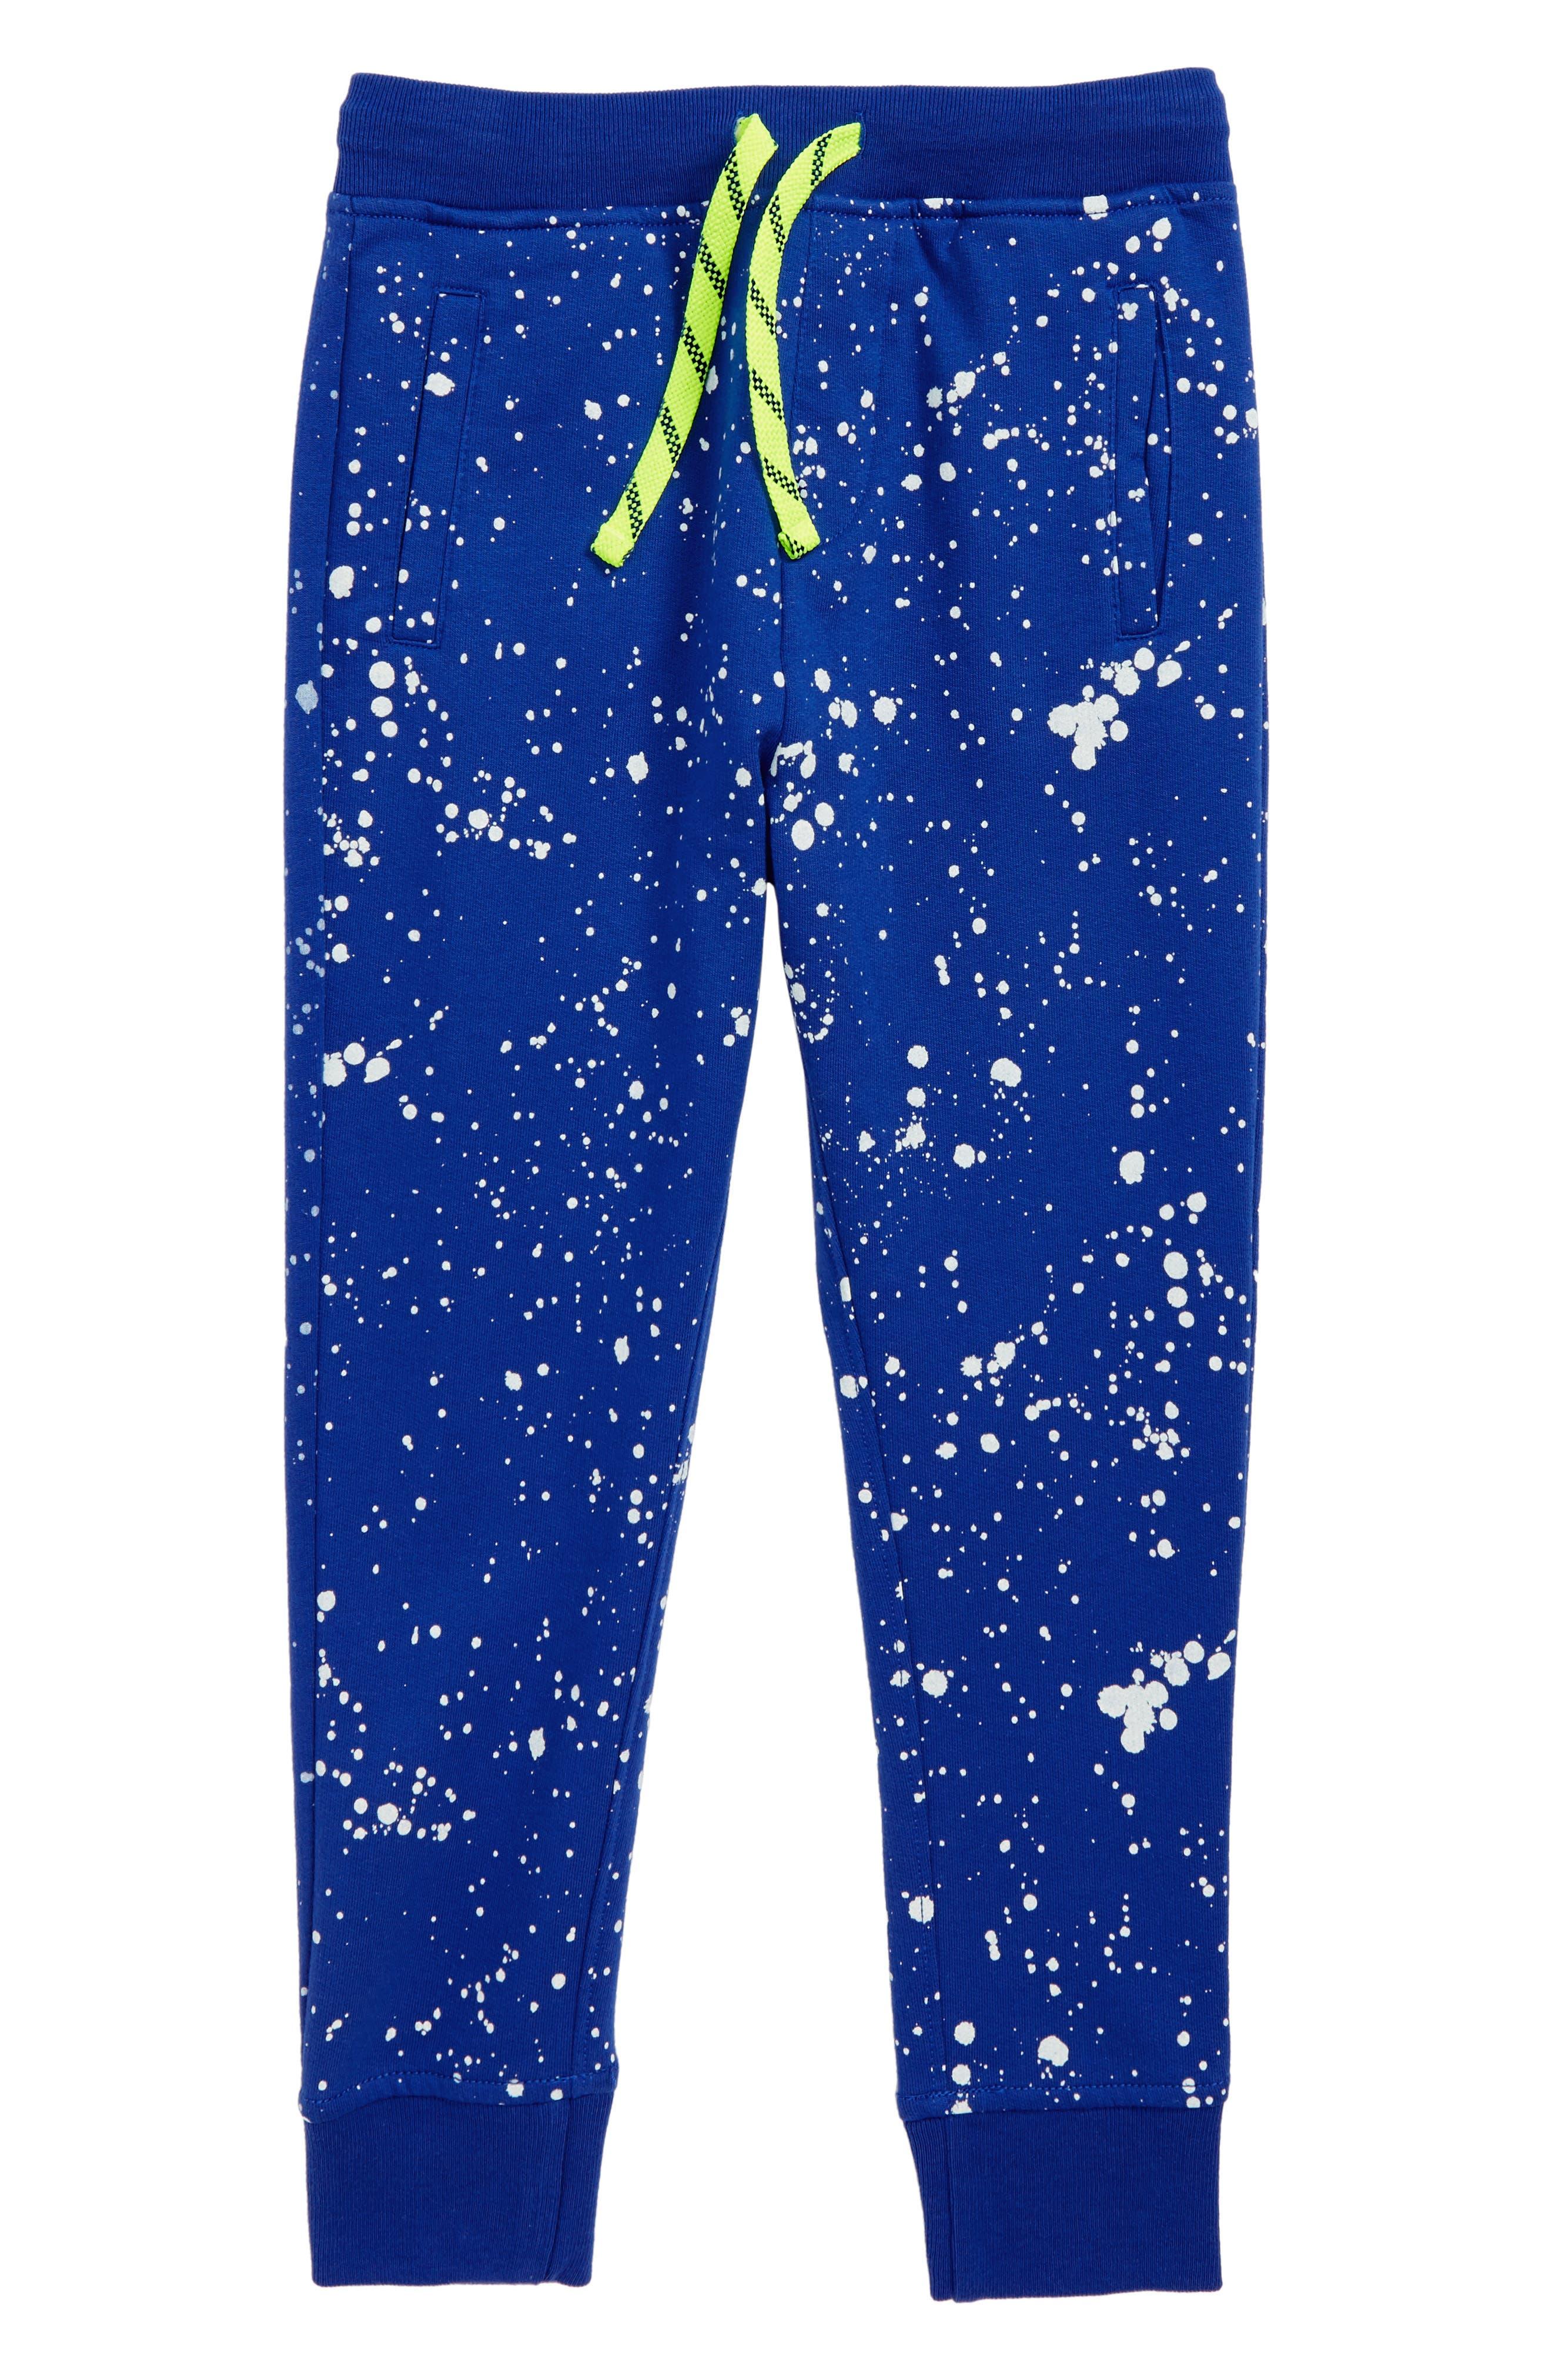 CREWCUTS BY J.CREW Splatter Paint Sweatpants, Main, color, 400